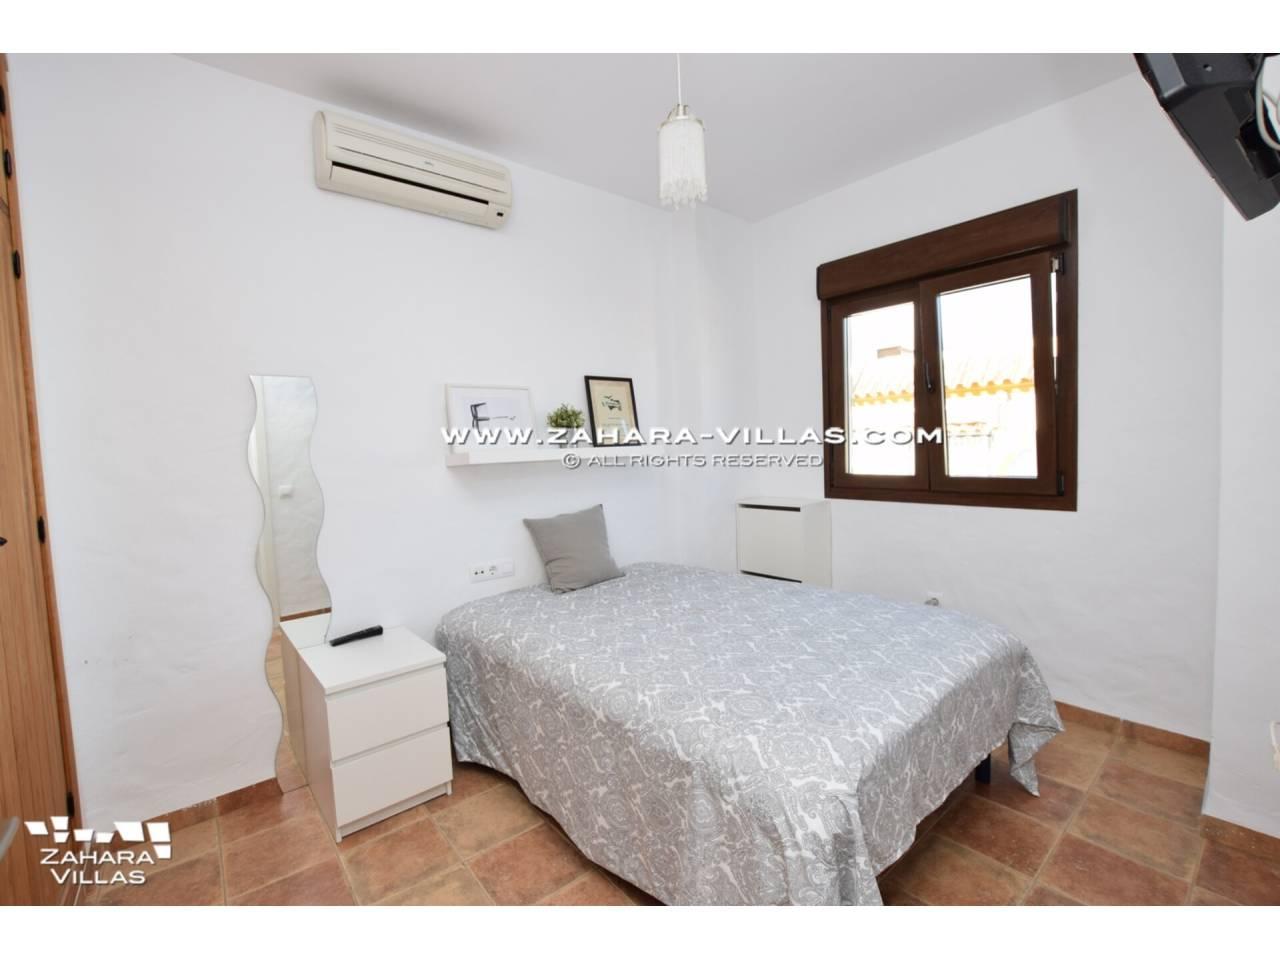 Imagen 20 de Haus zum verkauf in Zahara de los Atunes